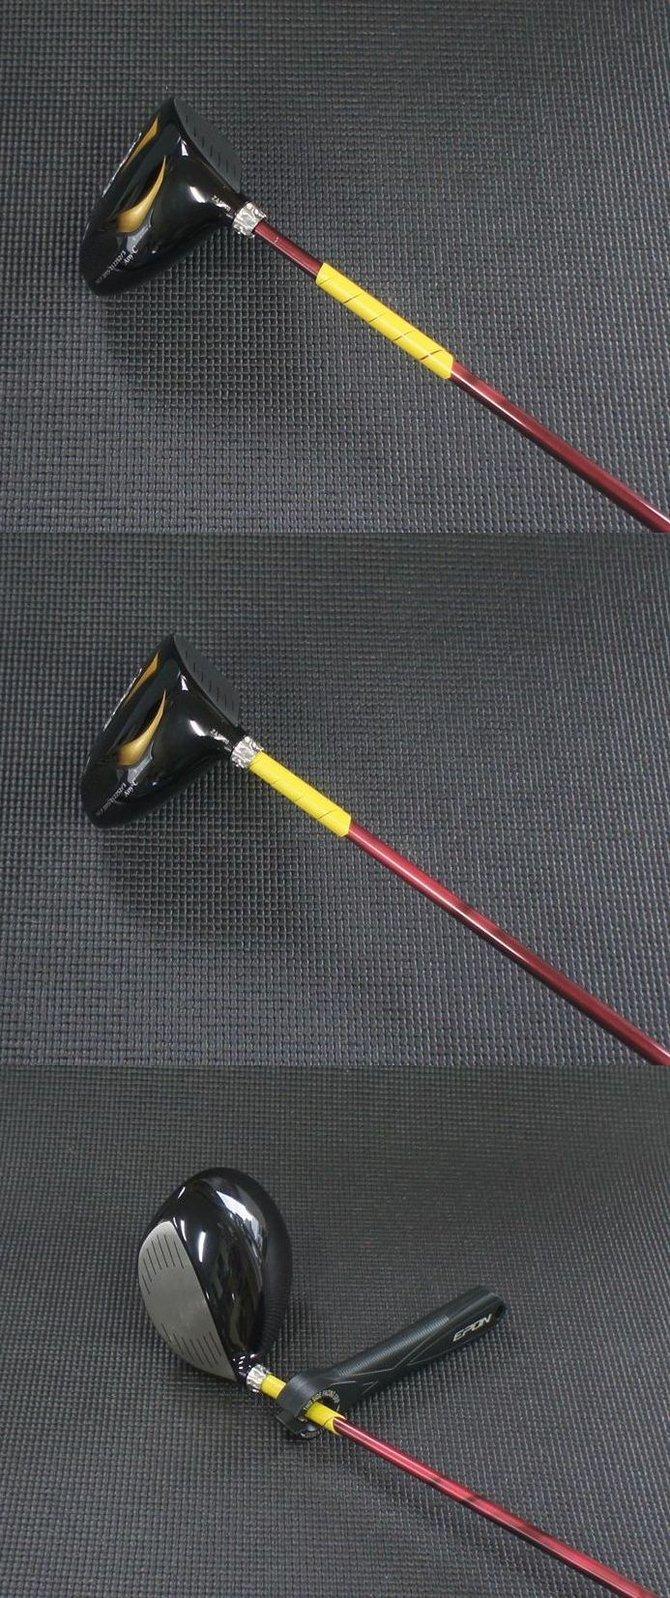 (1)スパイラル(らせん)状のプラスチックをシャフトに巻き付けます。  (2)ロックボルトとシャフトの隙間にプラスチックを差し込みます。  (3)この状態でレンチを使用すればシャフトに傷は入りません(vv)